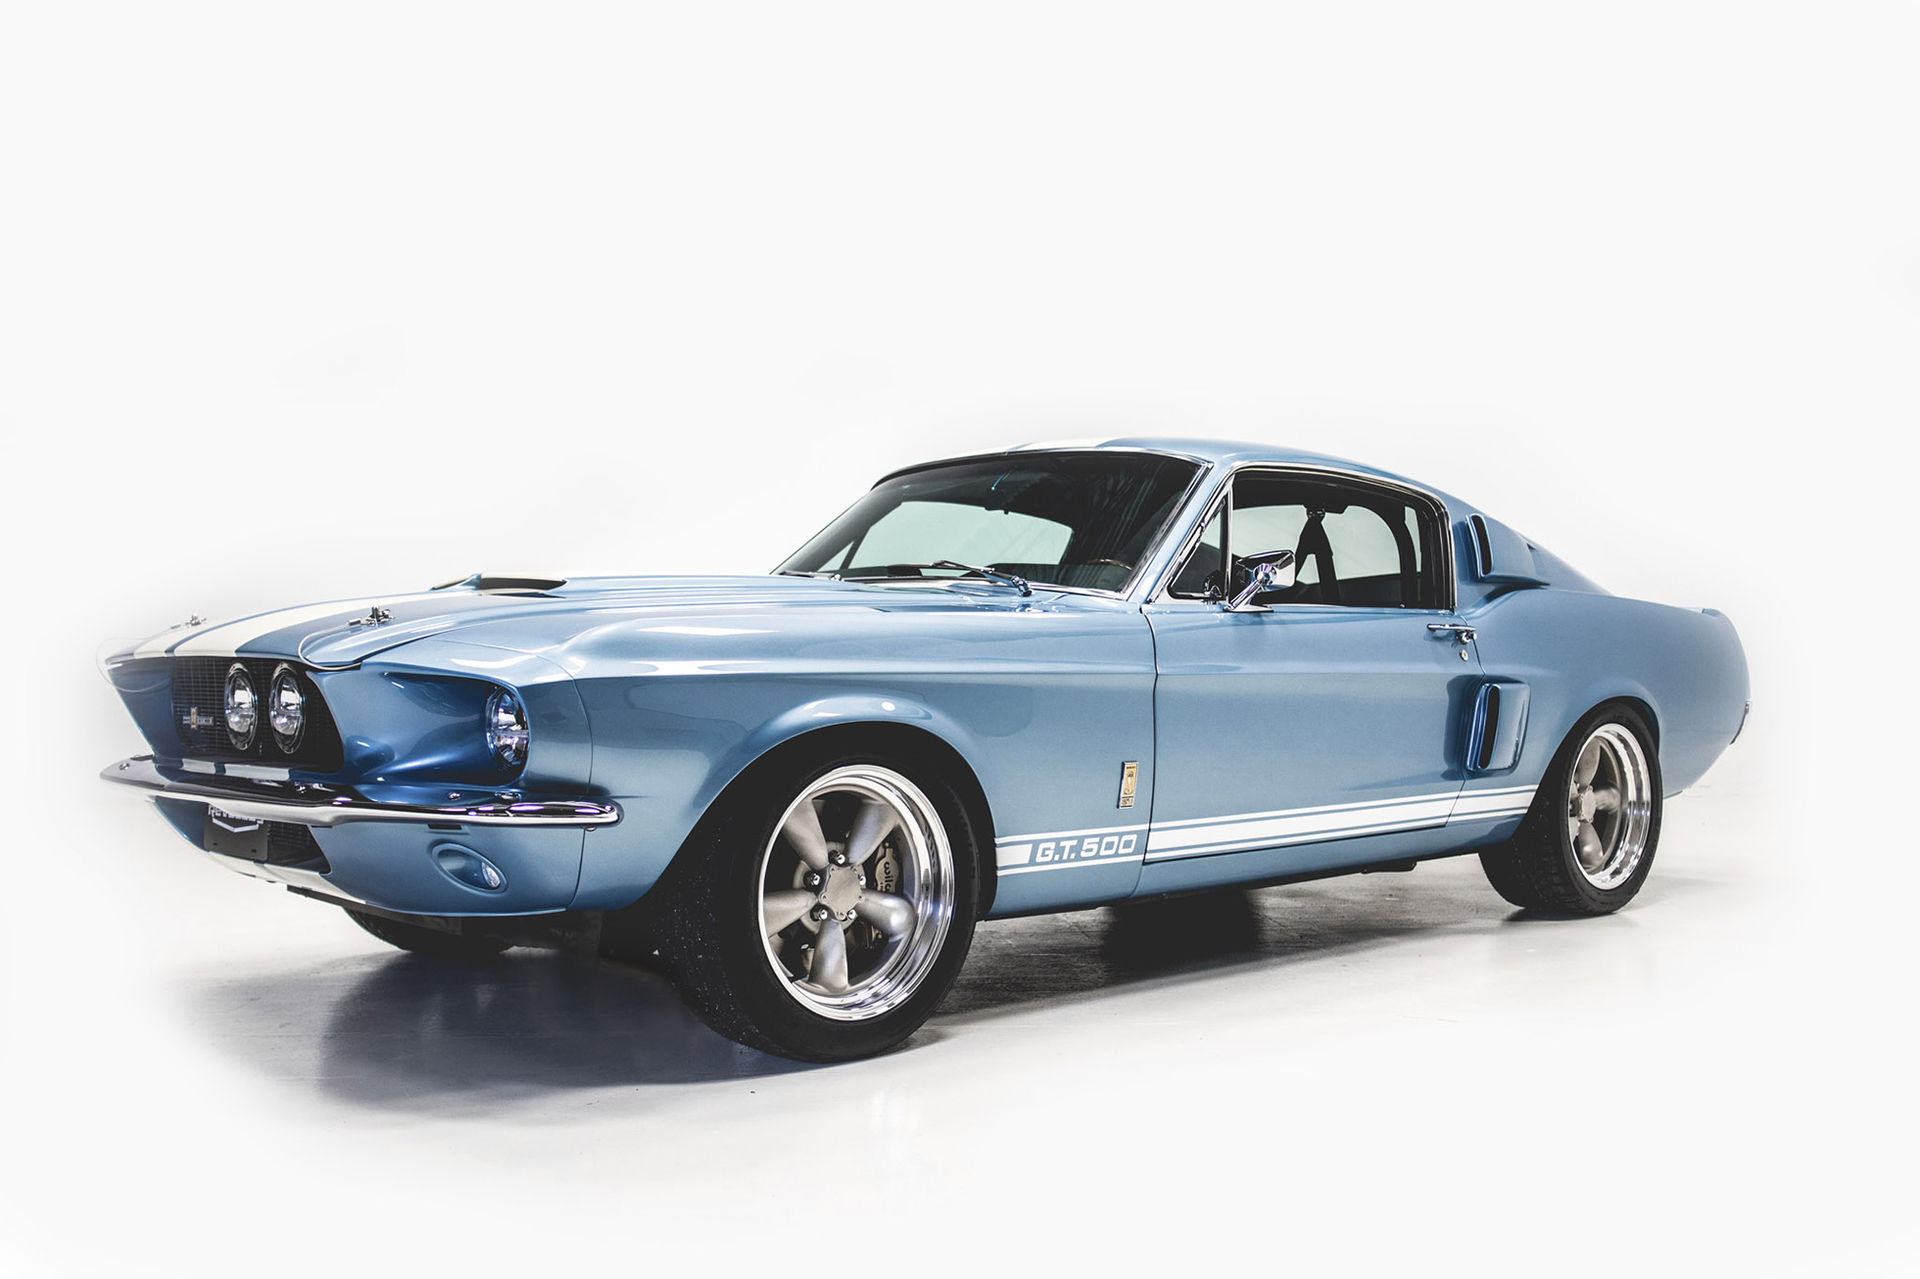 Köp dig en ny Shelby GT500 från 1967